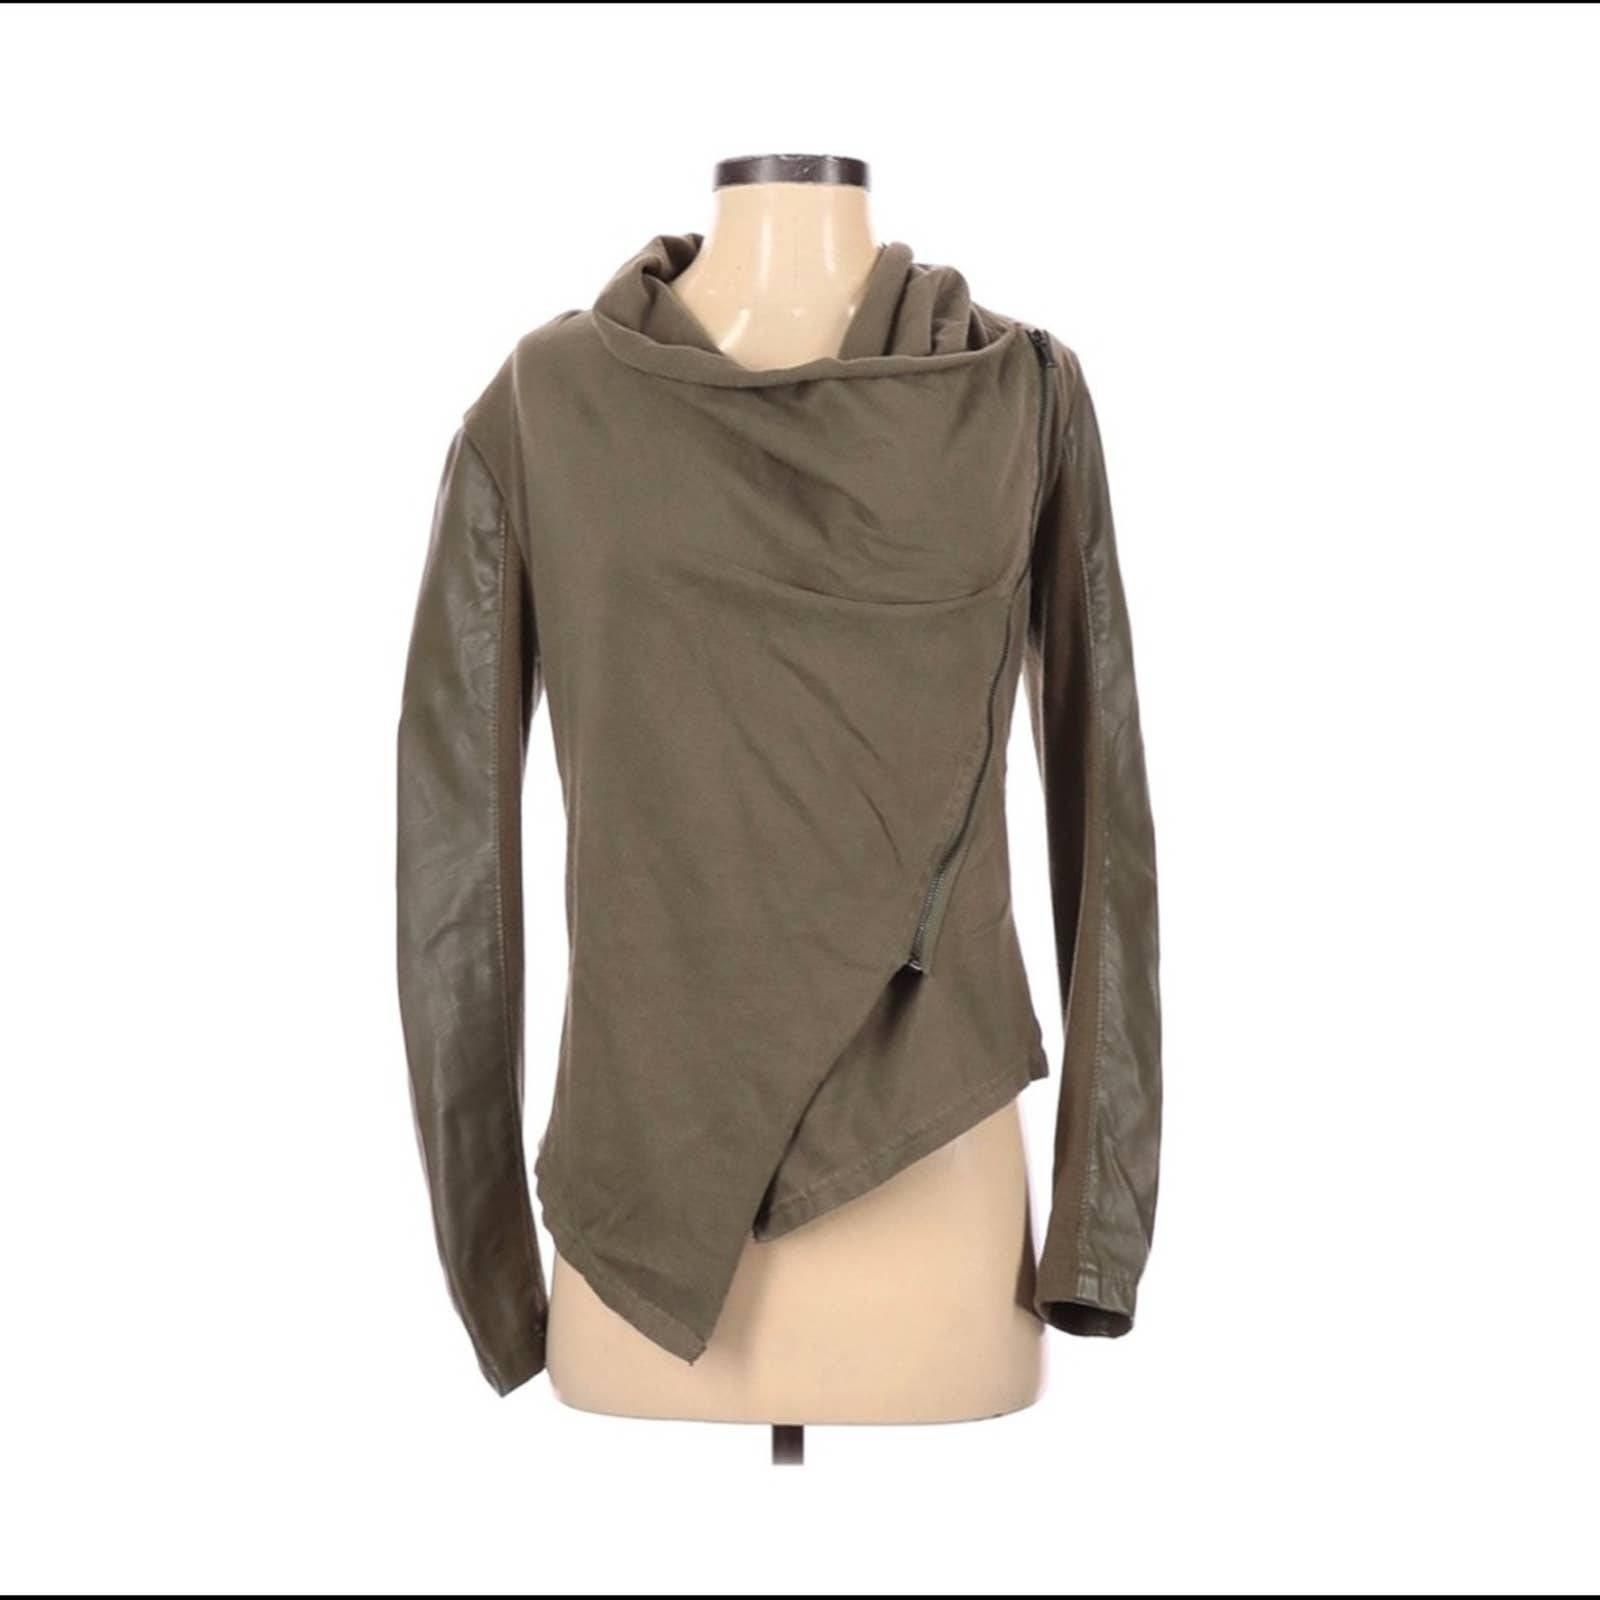 BLANK NYC jacket olive size XS